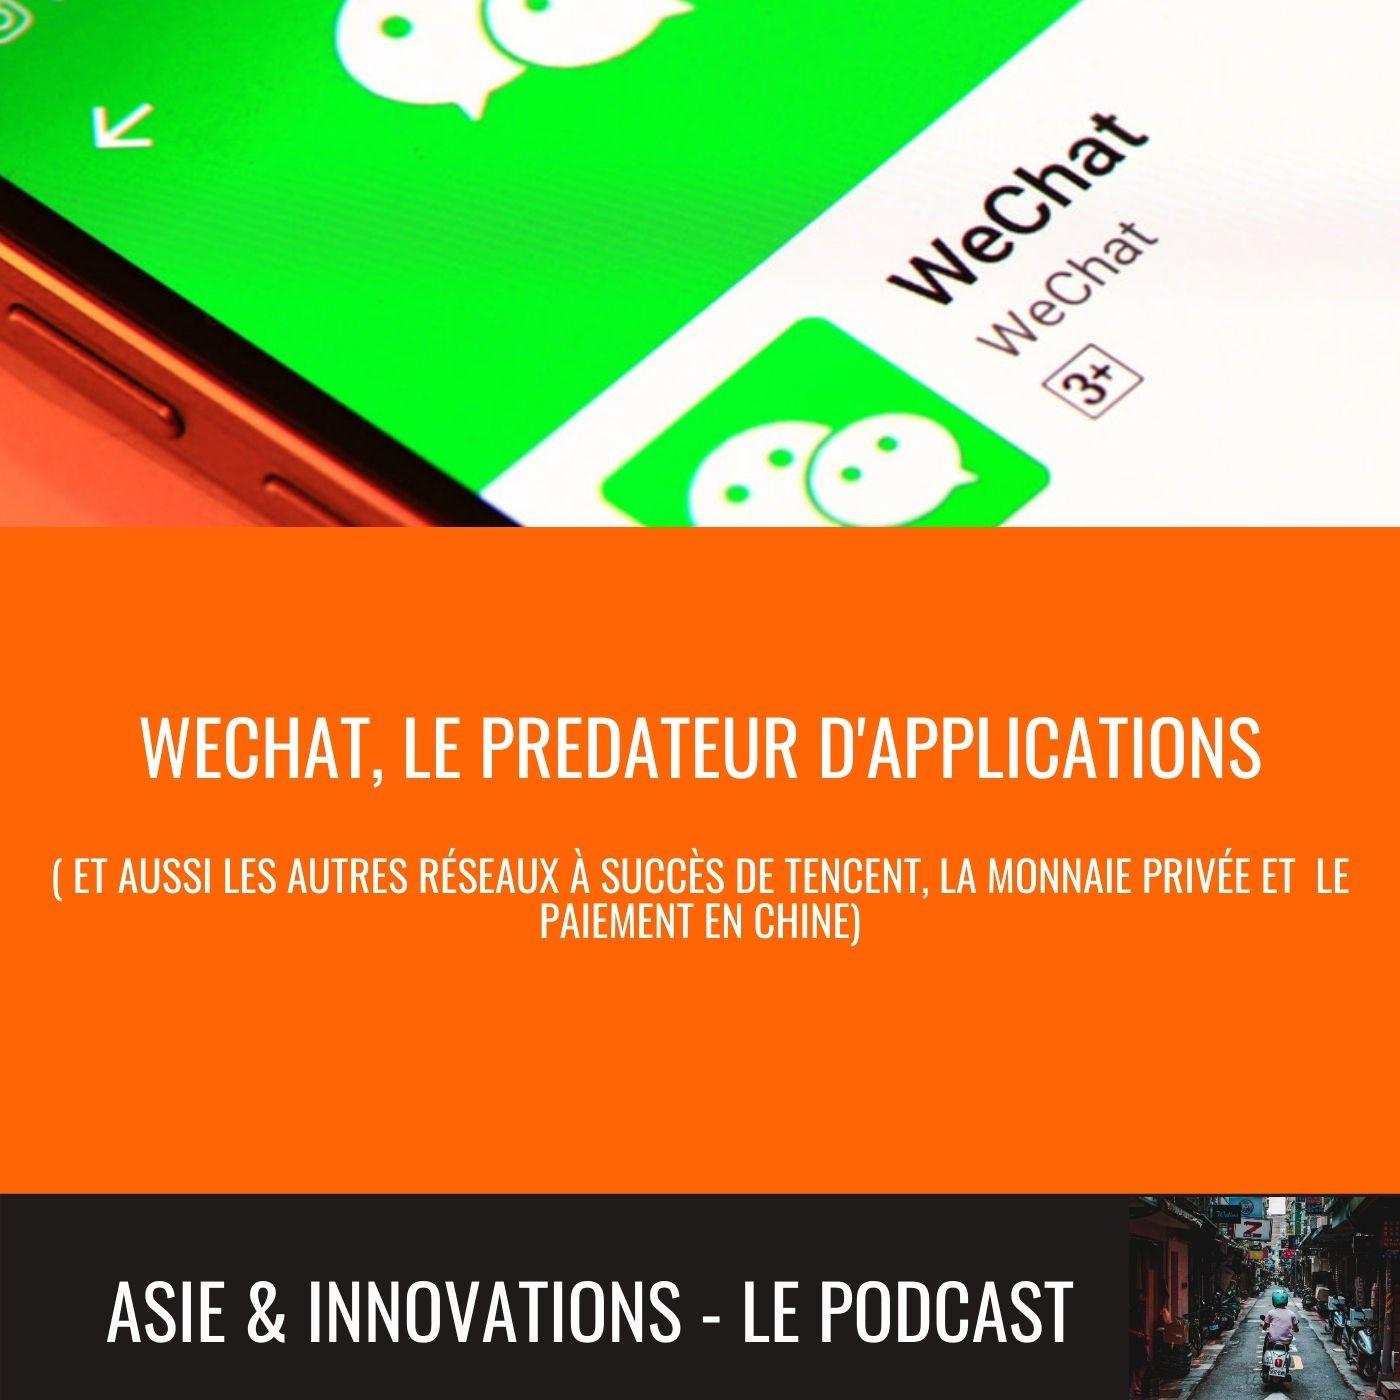 Le réseau social de demain est déjà là, il s'appelle Wechat...